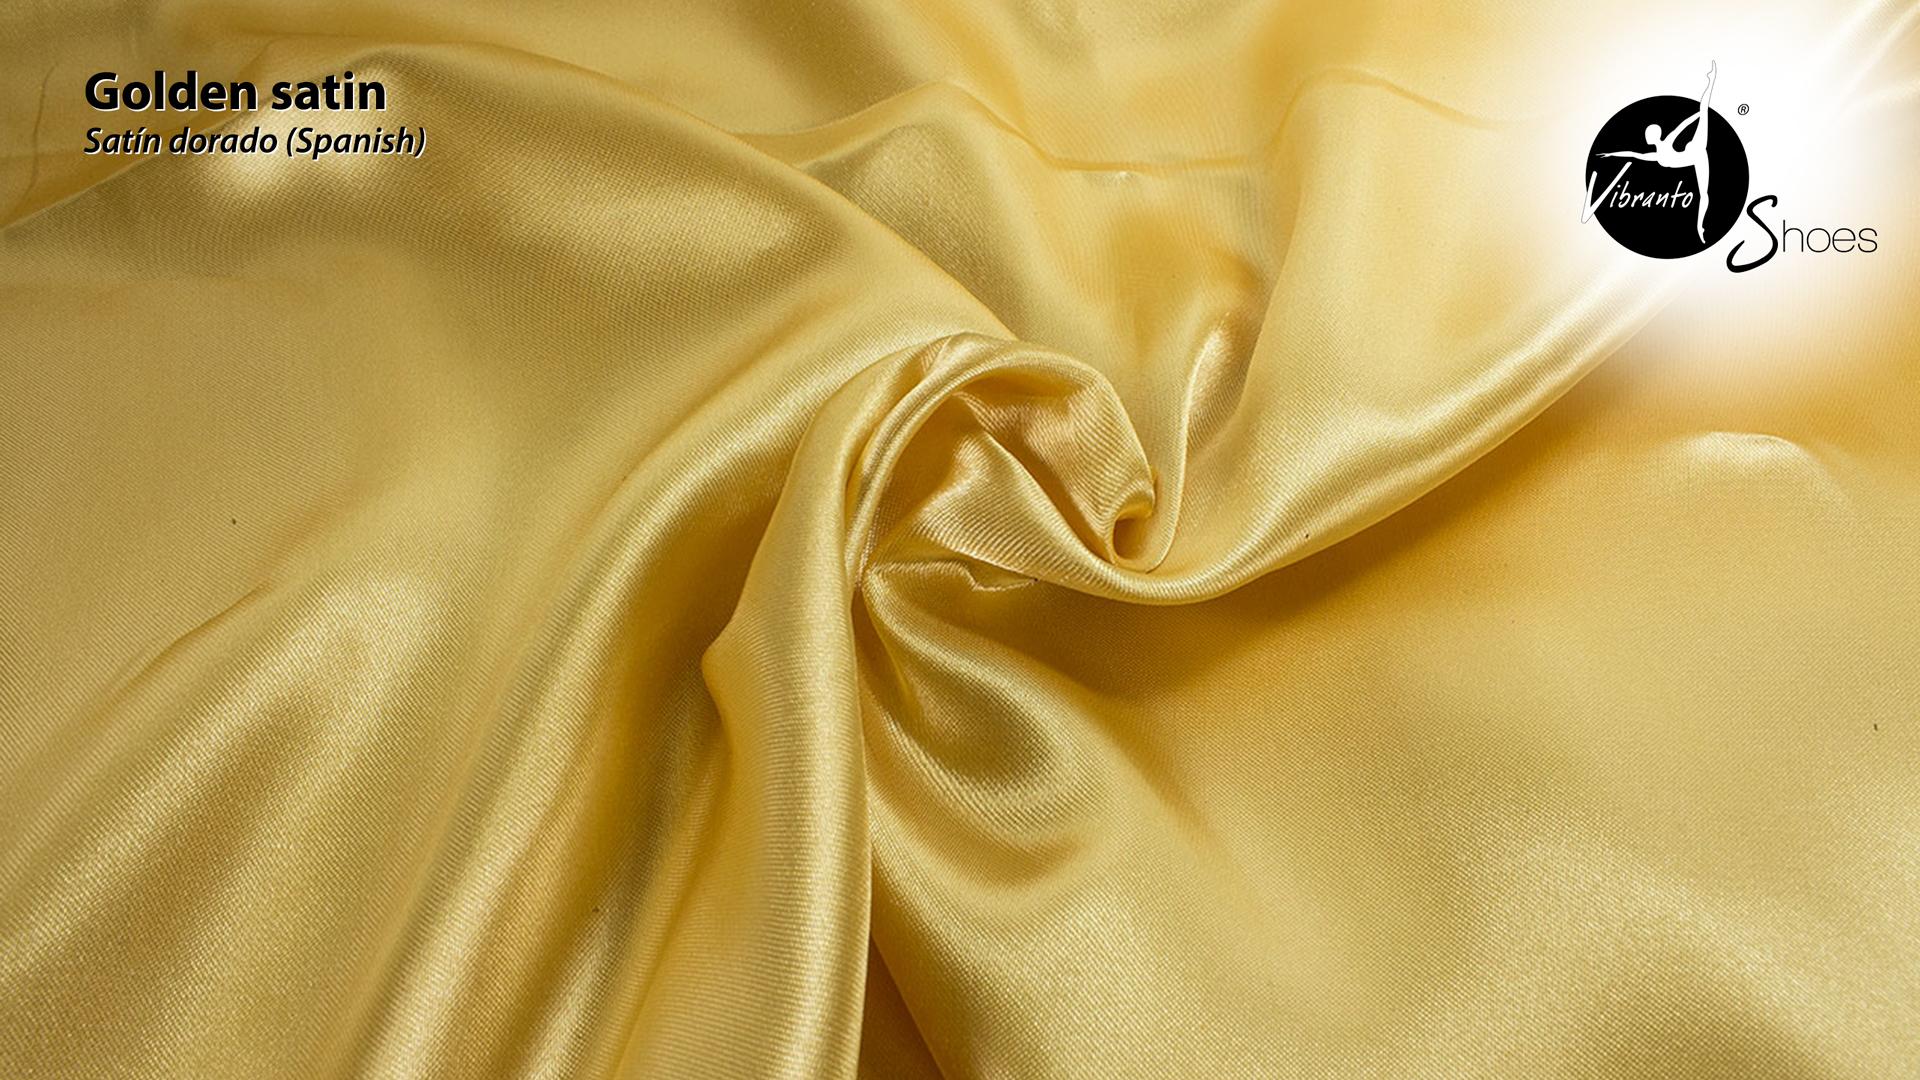 Golden satin material - Vibranto Shoes